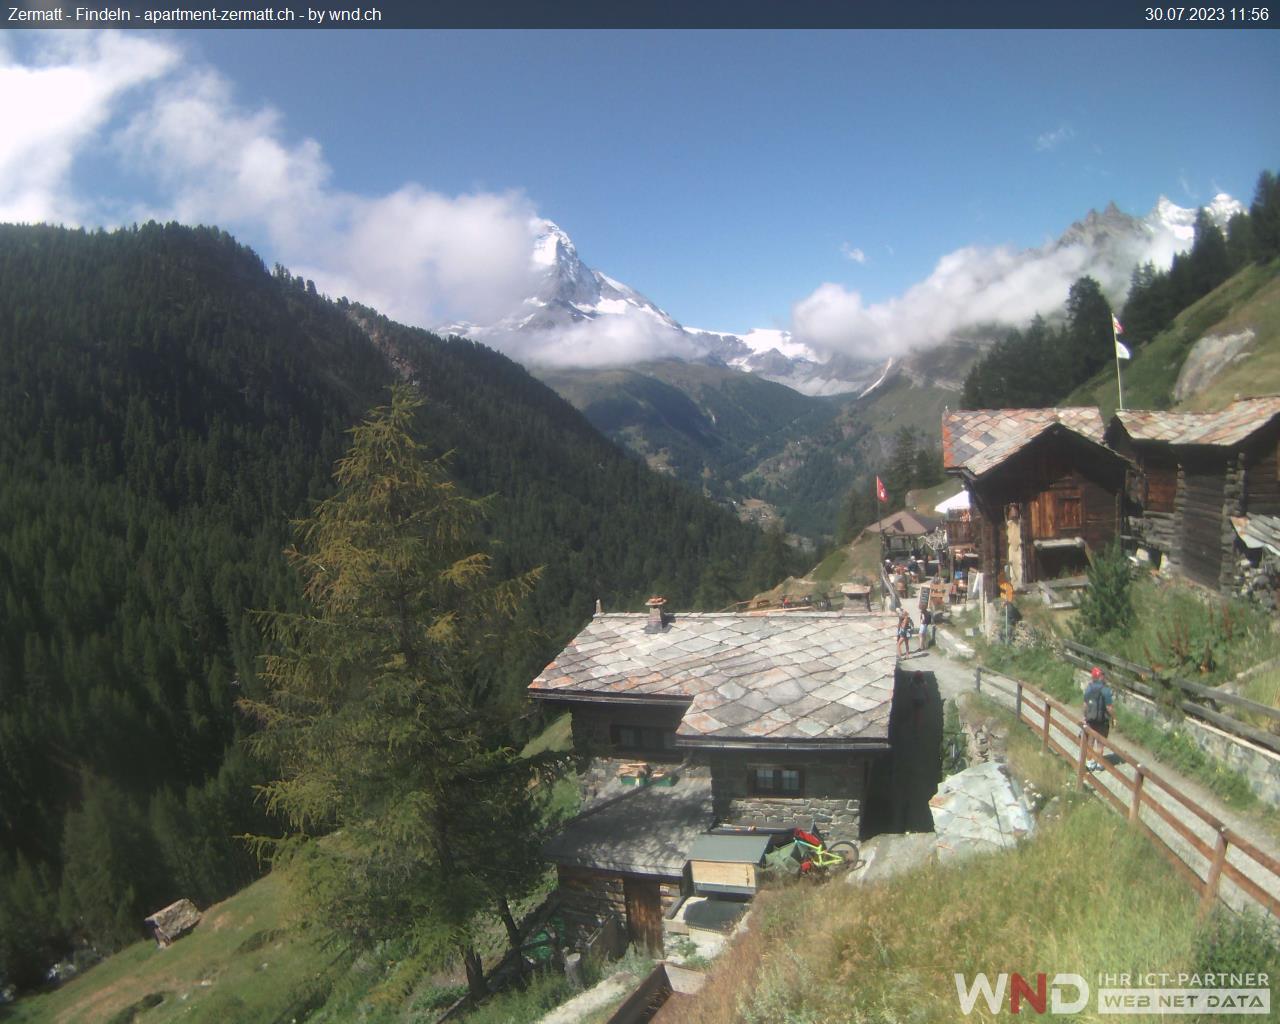 Zermatt: Webcam Findeln